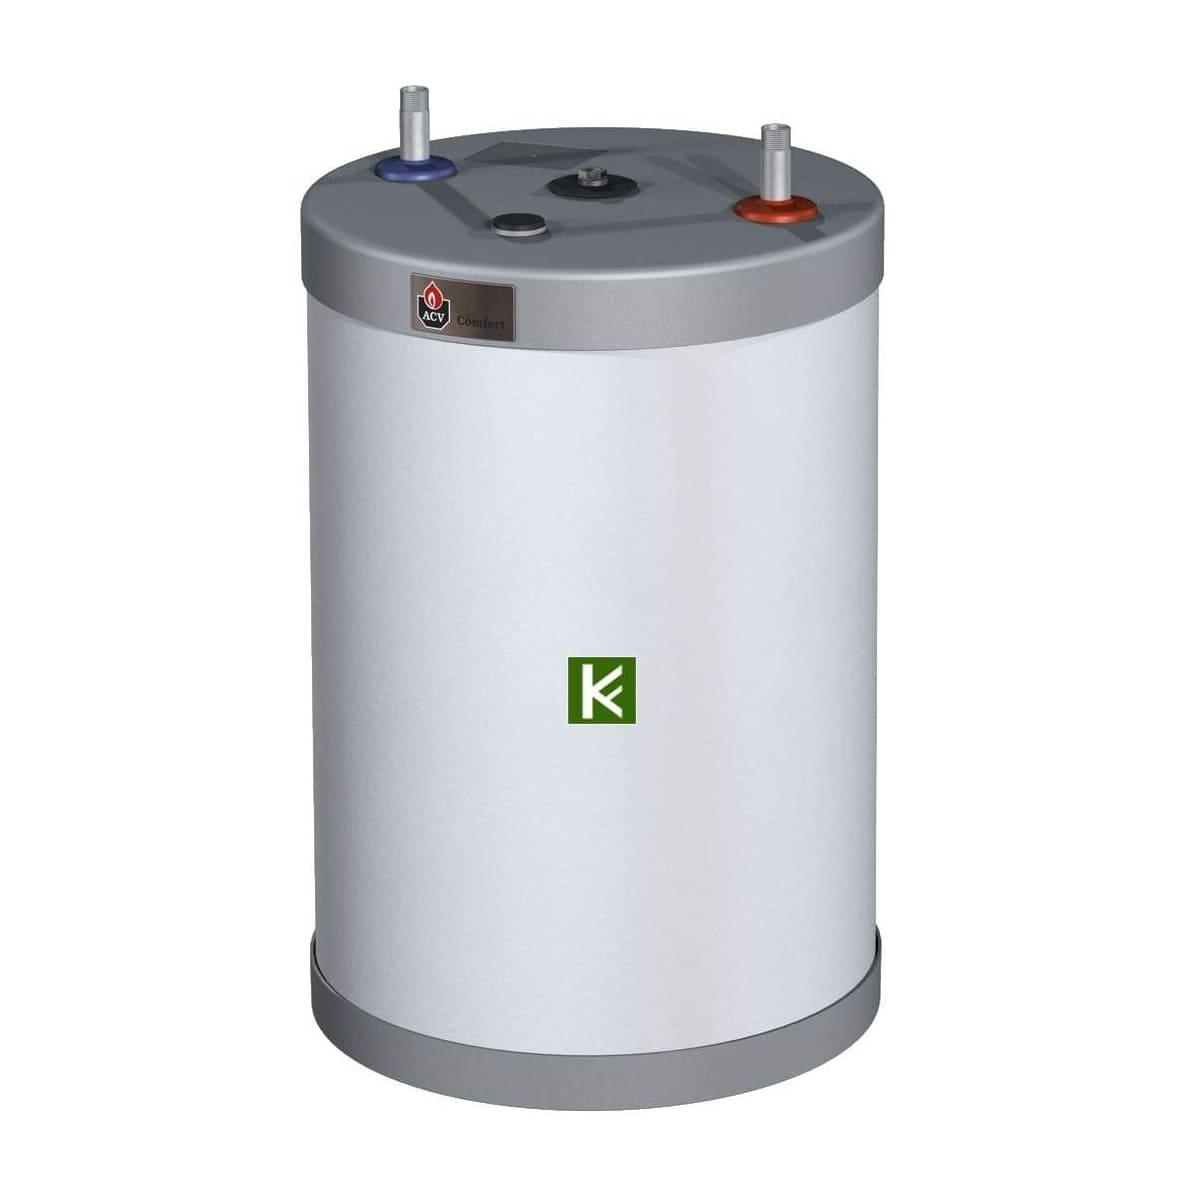 Бойлер косвенного нагрева ACV Comfort - водонагреватель АСВ